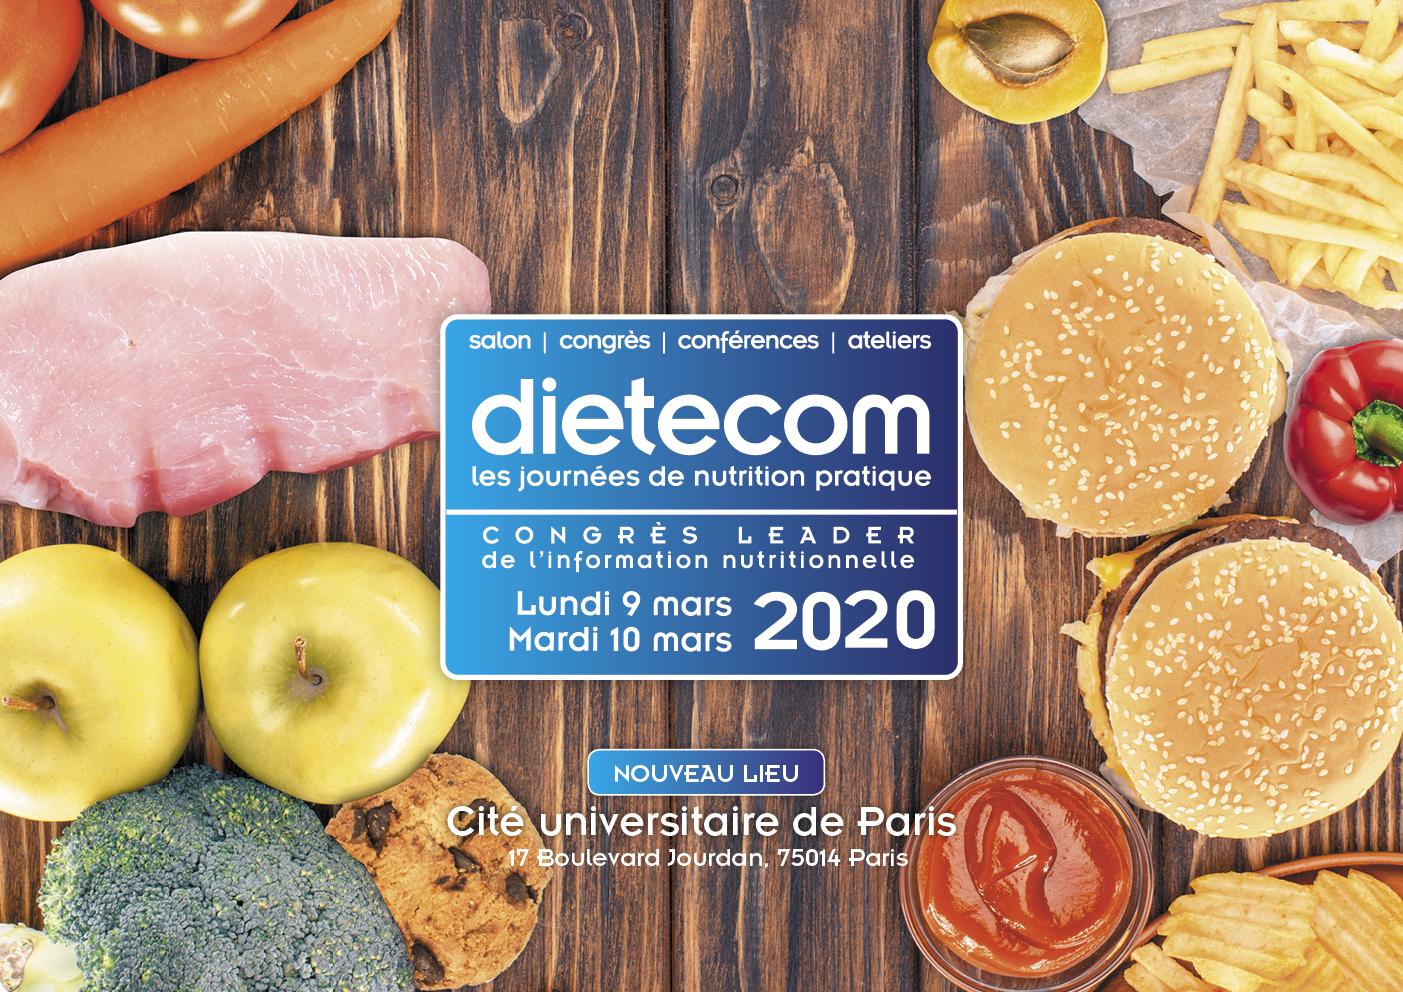 Couv Dietecom 2020 Paysage